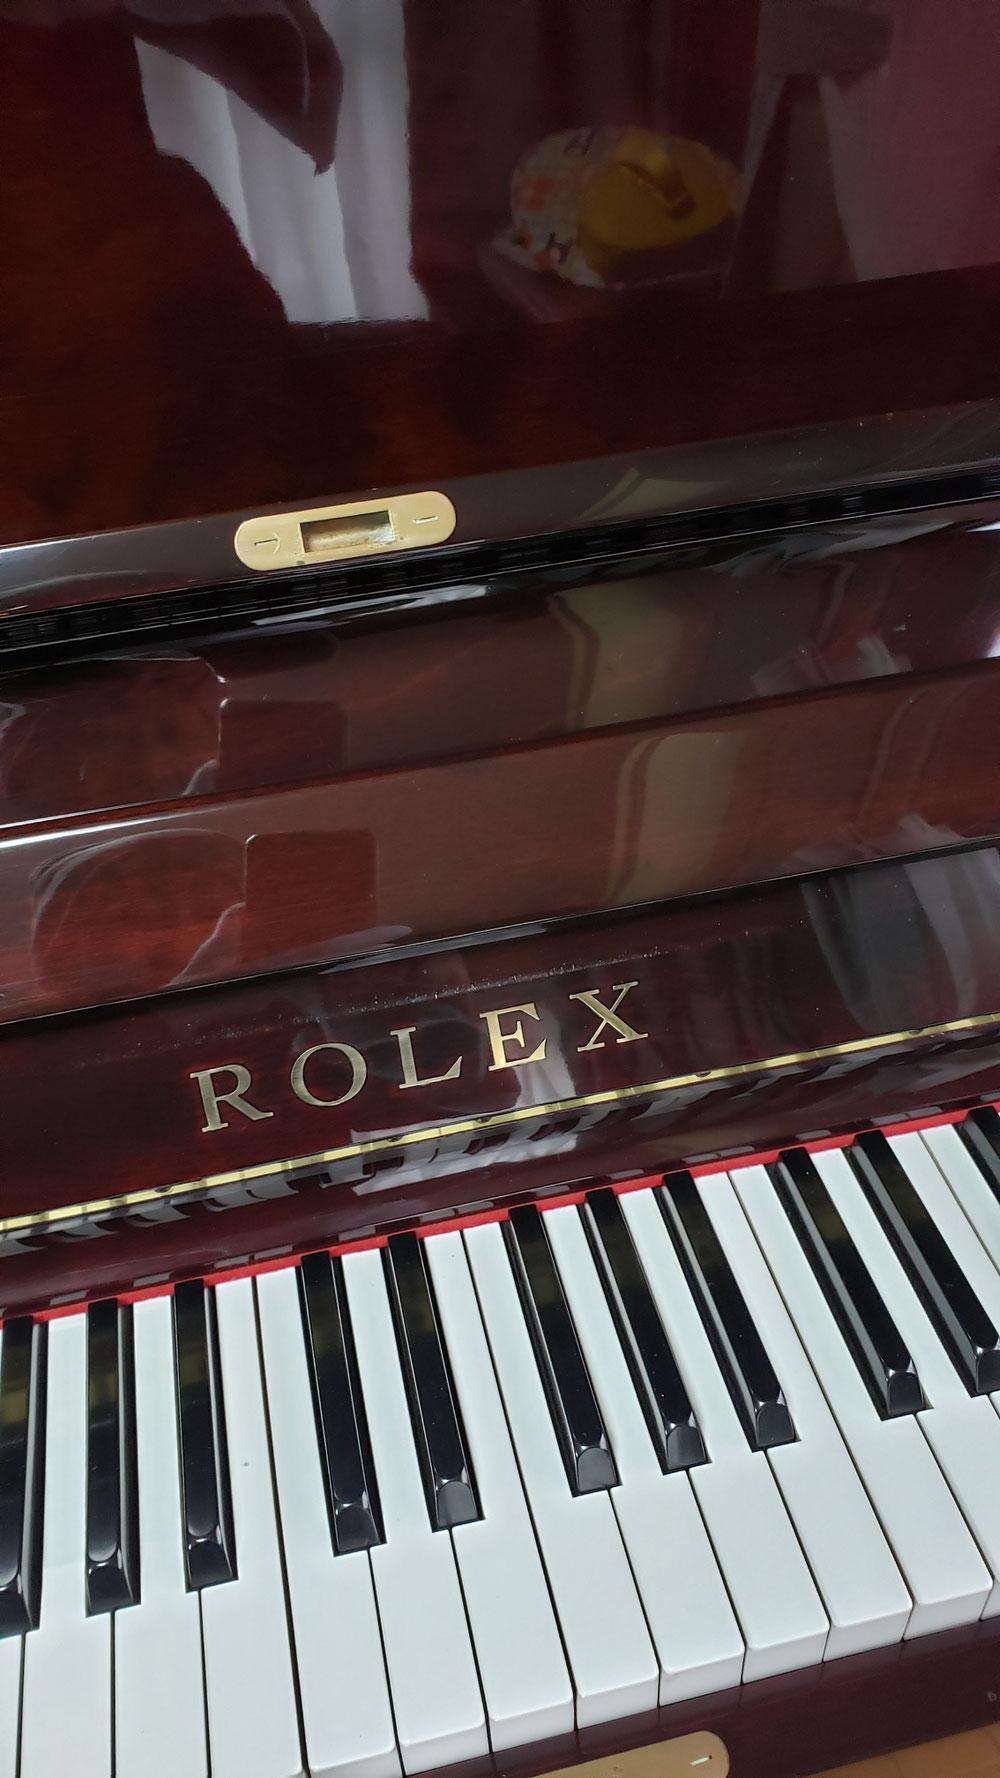 30年以上のピアノもこの通りピカピカ